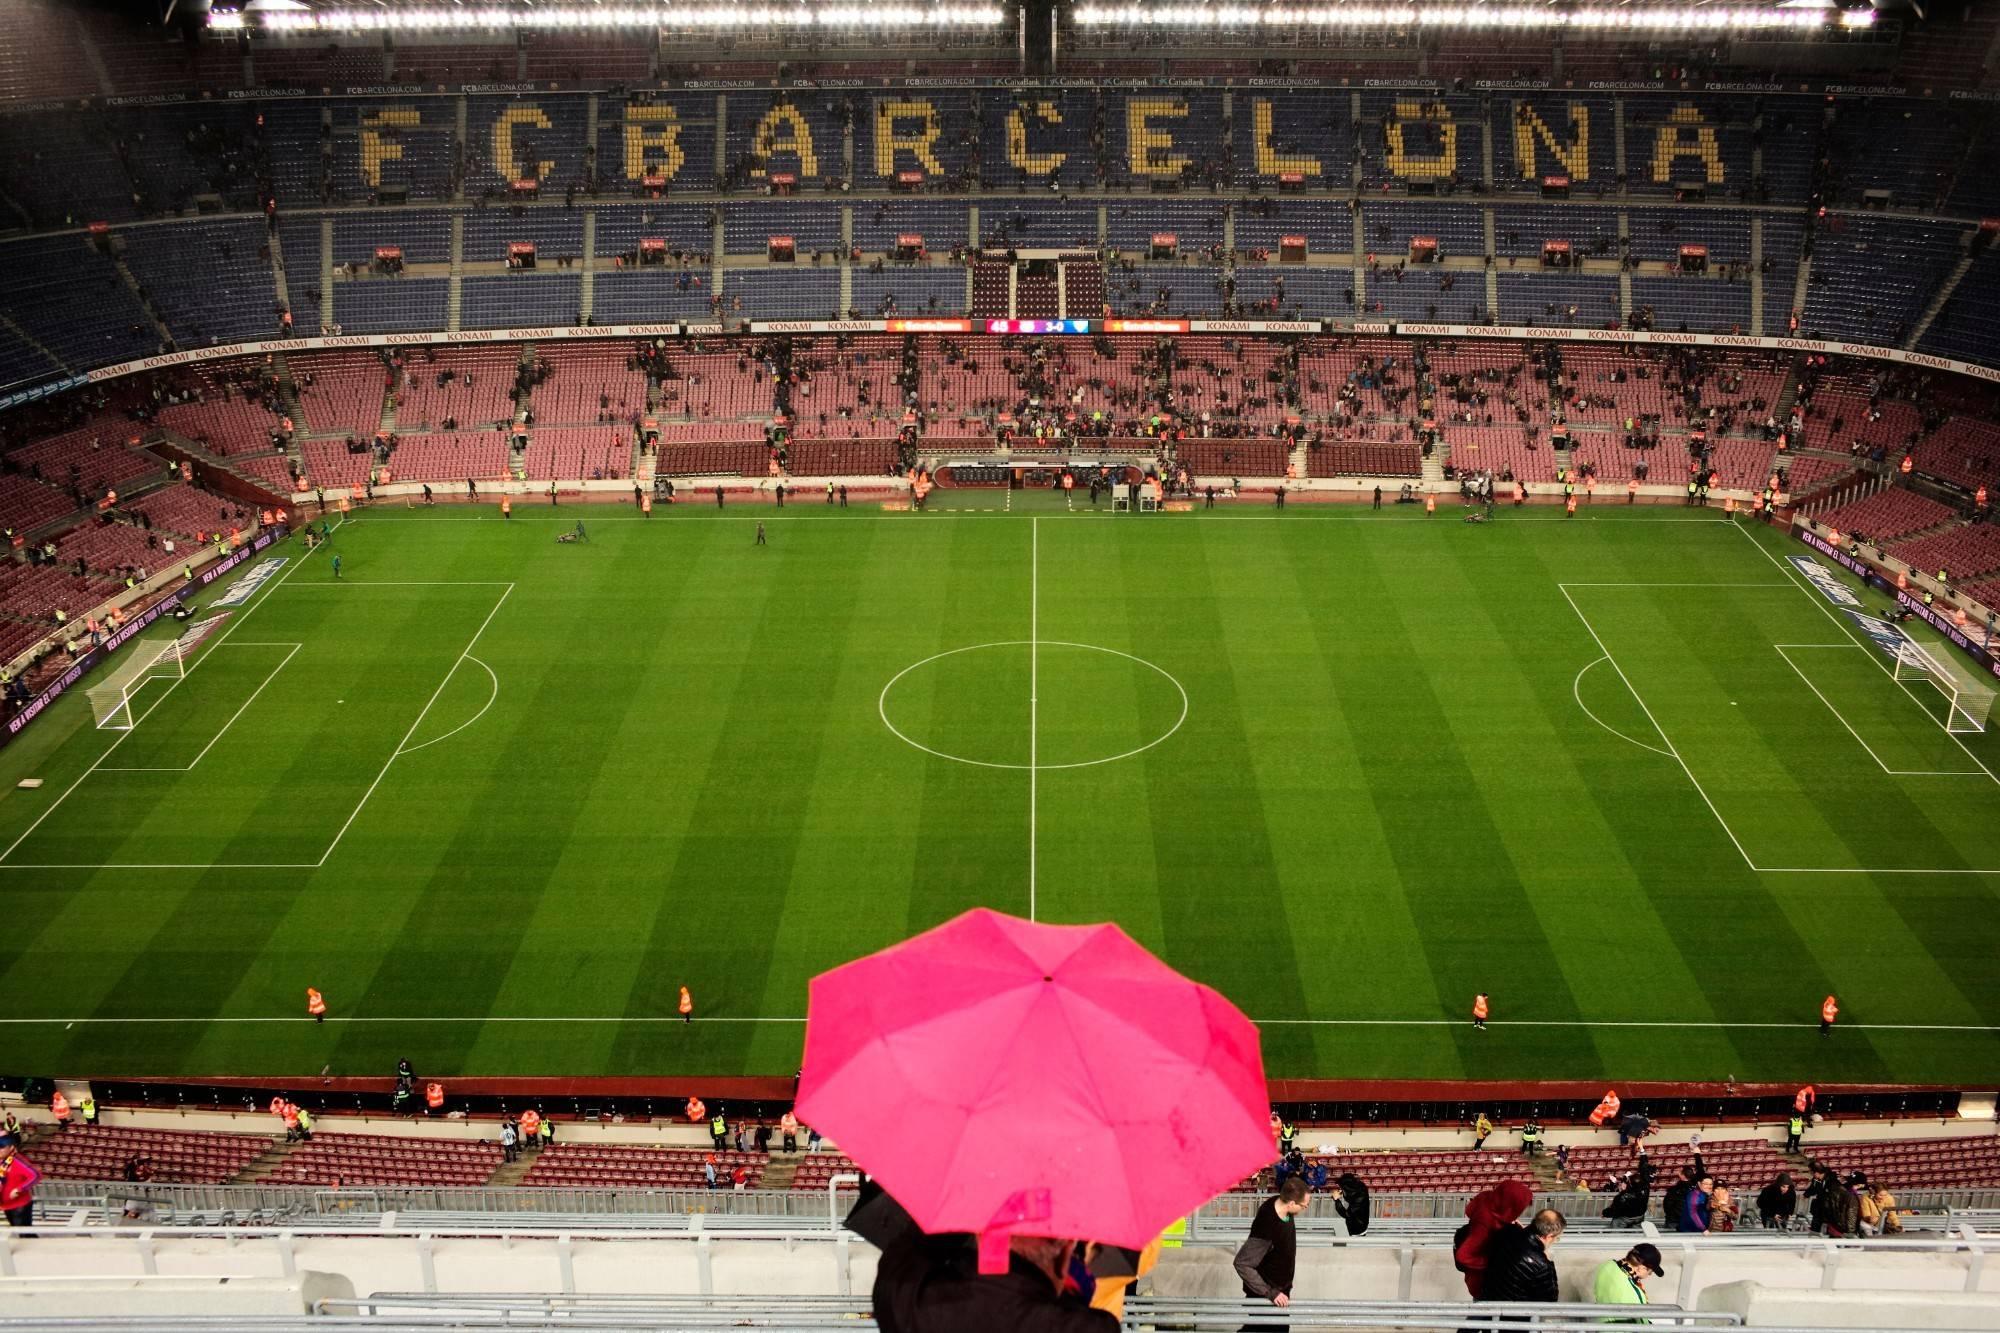 官方:已超过3万名会员申请巴萨vs拜仁的门票